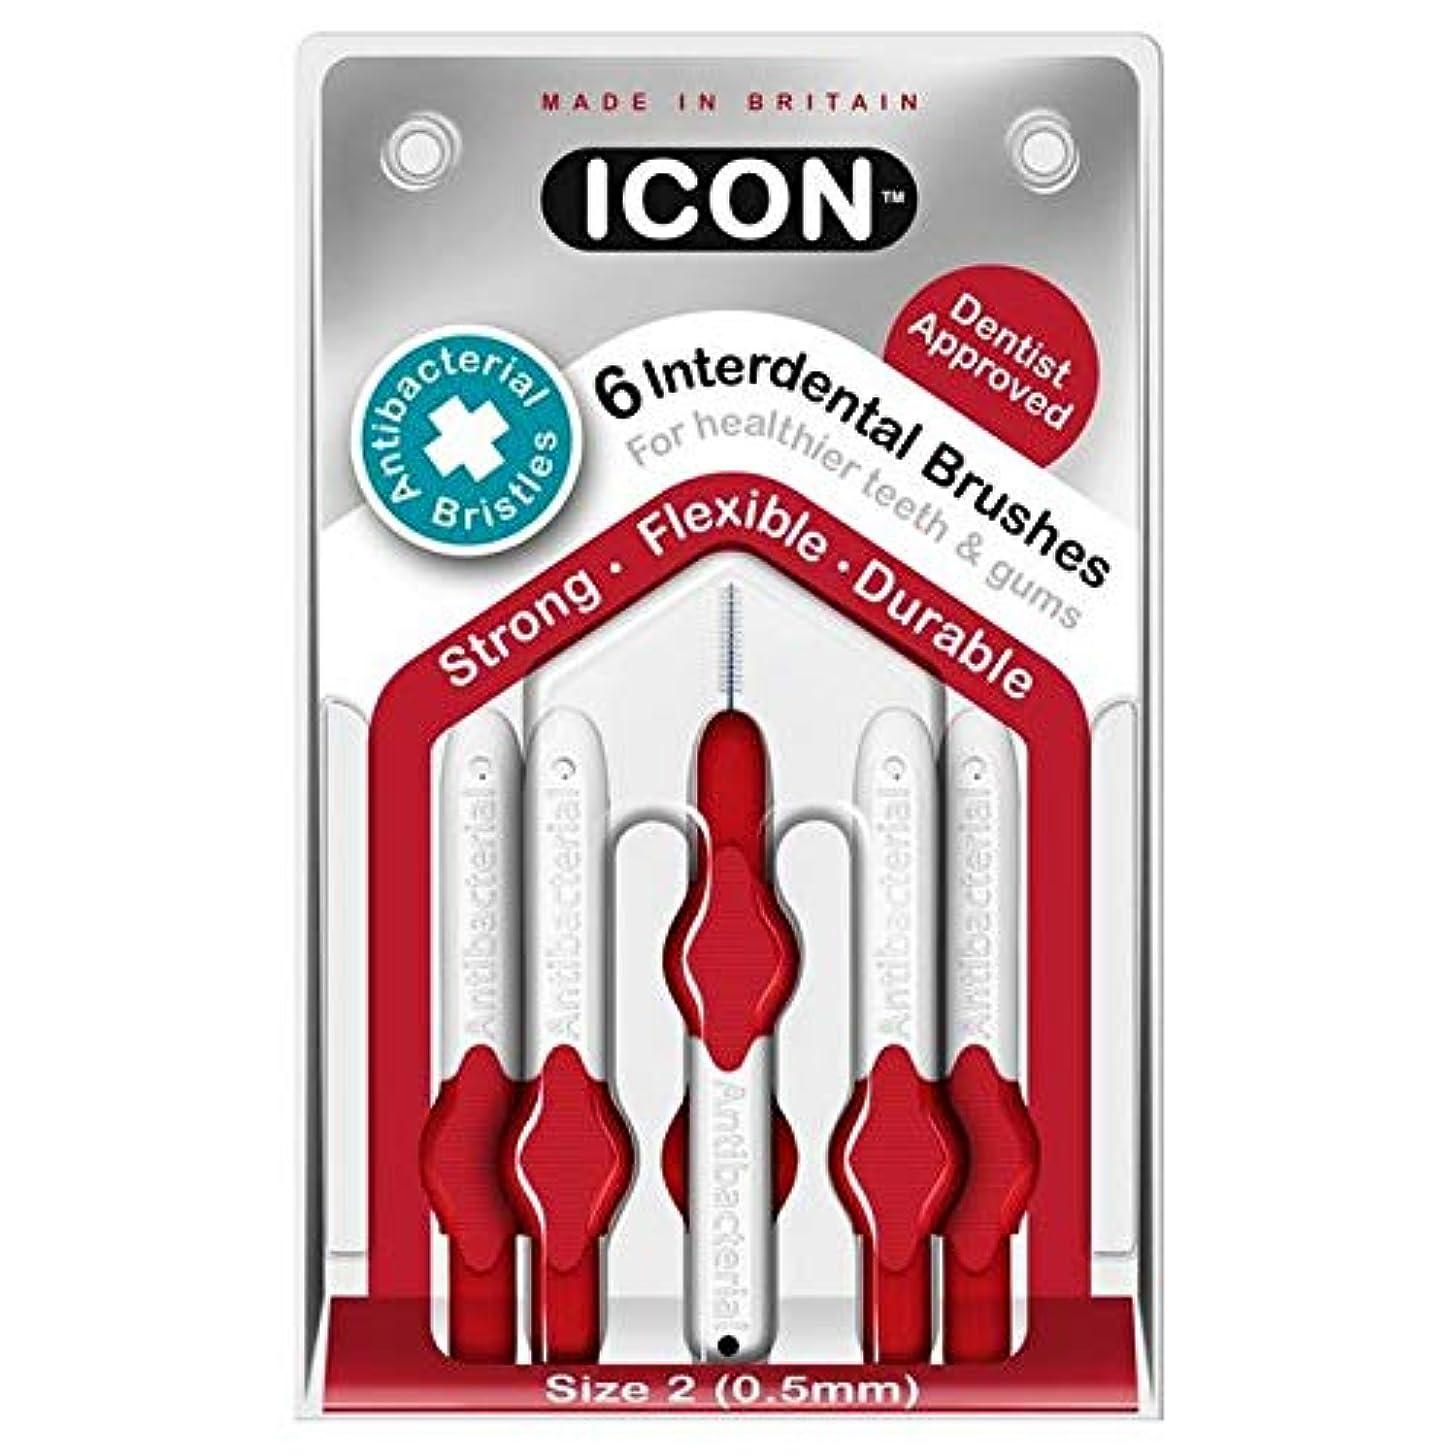 アトミック不足バーター[Icon ] アイコンの歯間には、パックあたり0.5ミリメートル6ブラシ - Icon Interdental Brushes 0.5mm 6 per pack [並行輸入品]